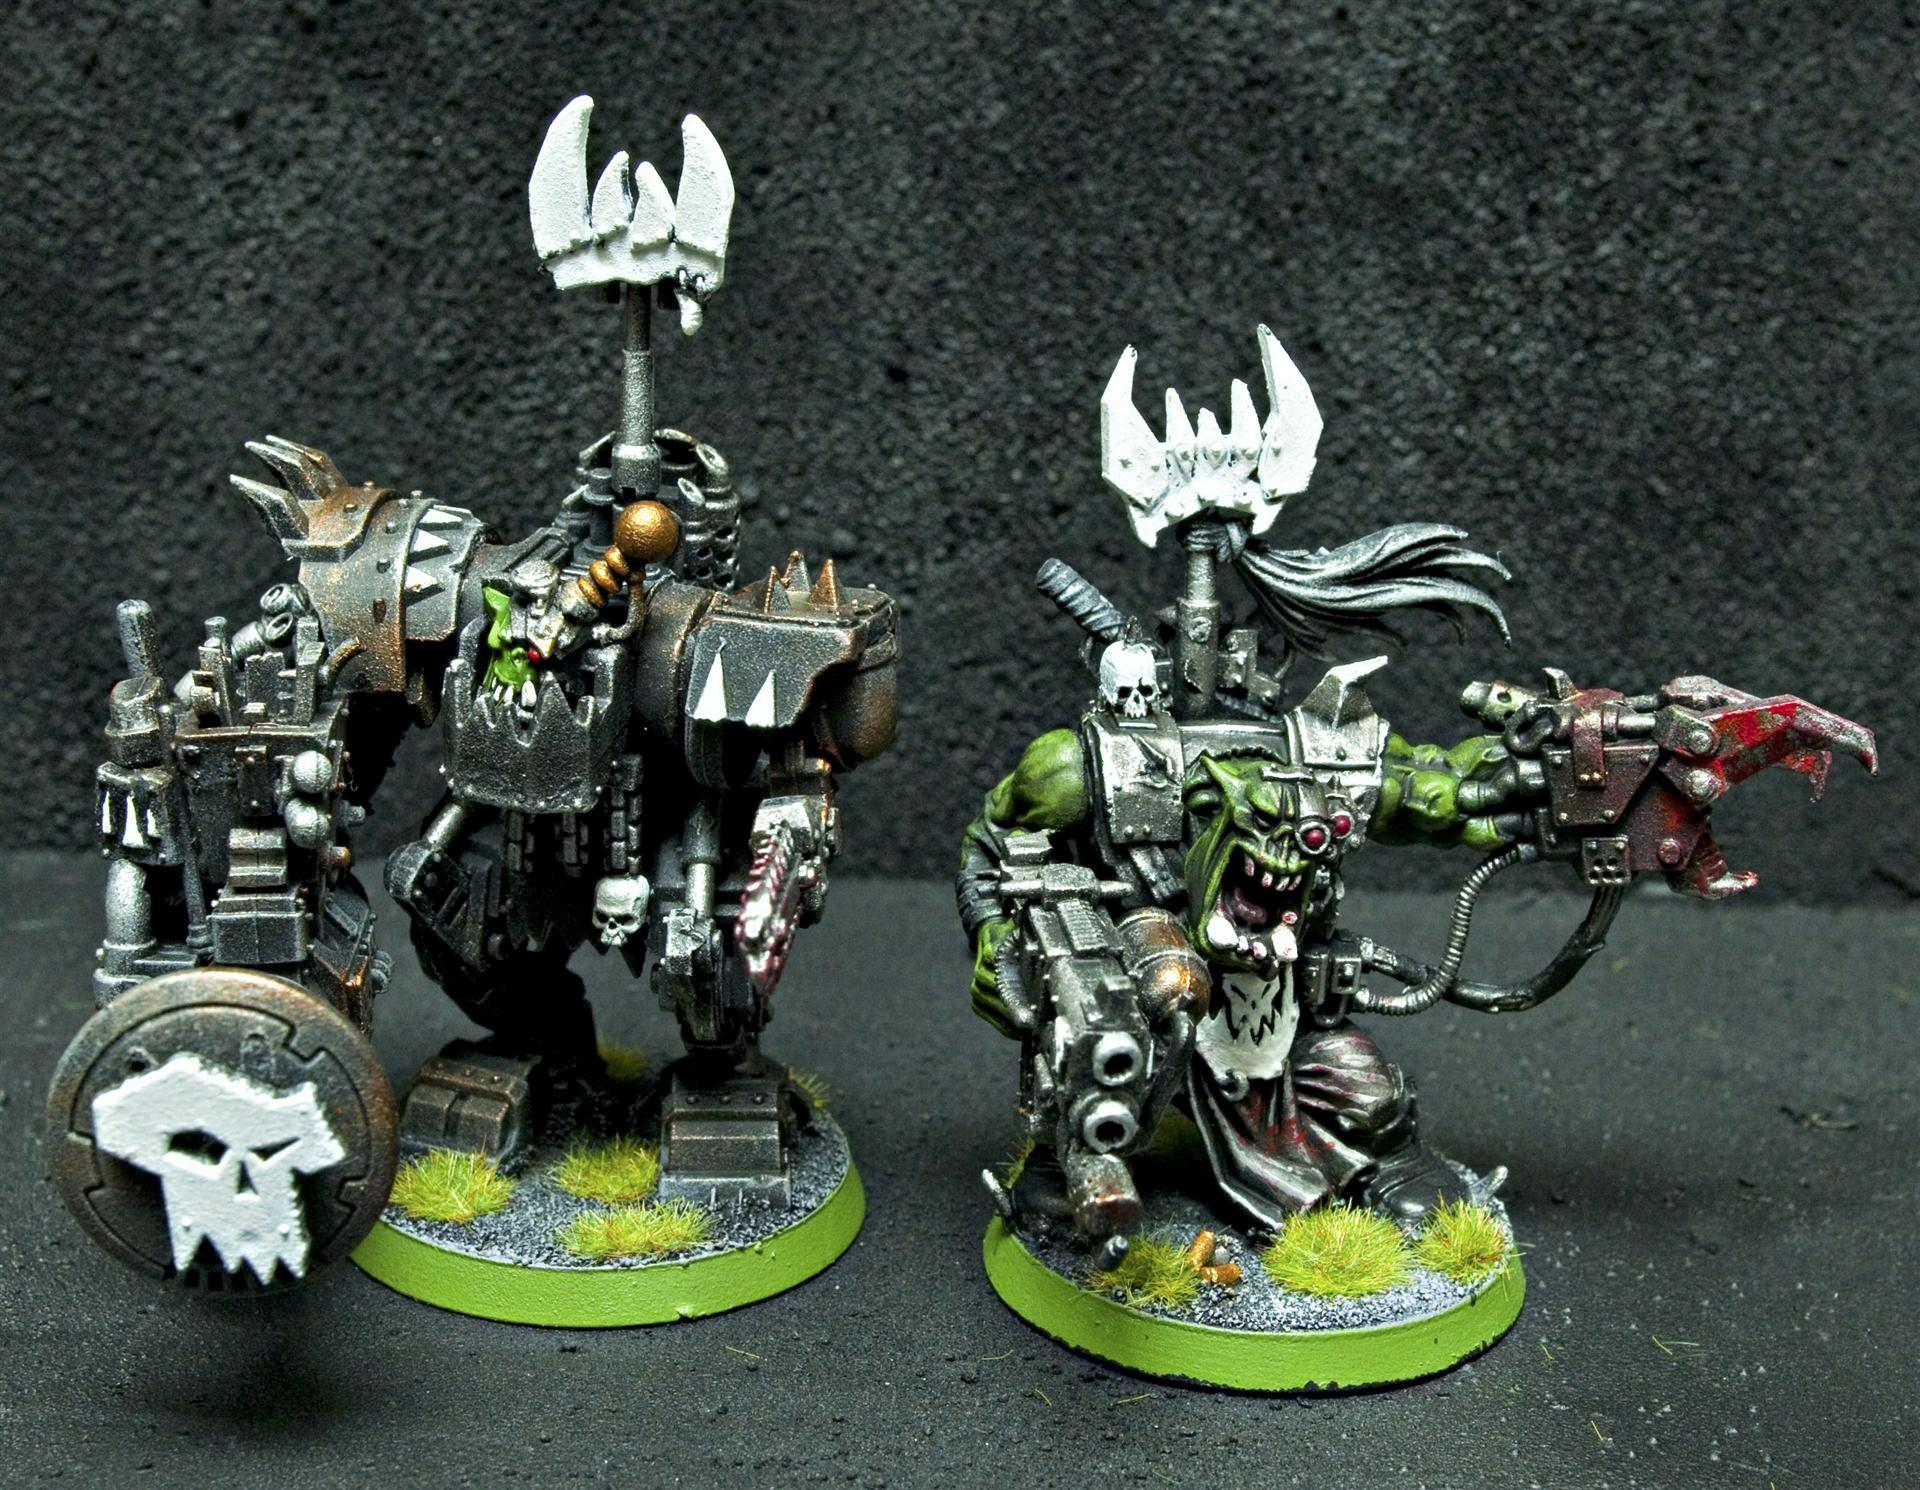 Big Mek, Bigmek, Goff, Goffs, Kustom Force Field, Ork Leaders, Orks, Power Klaw, Warboss